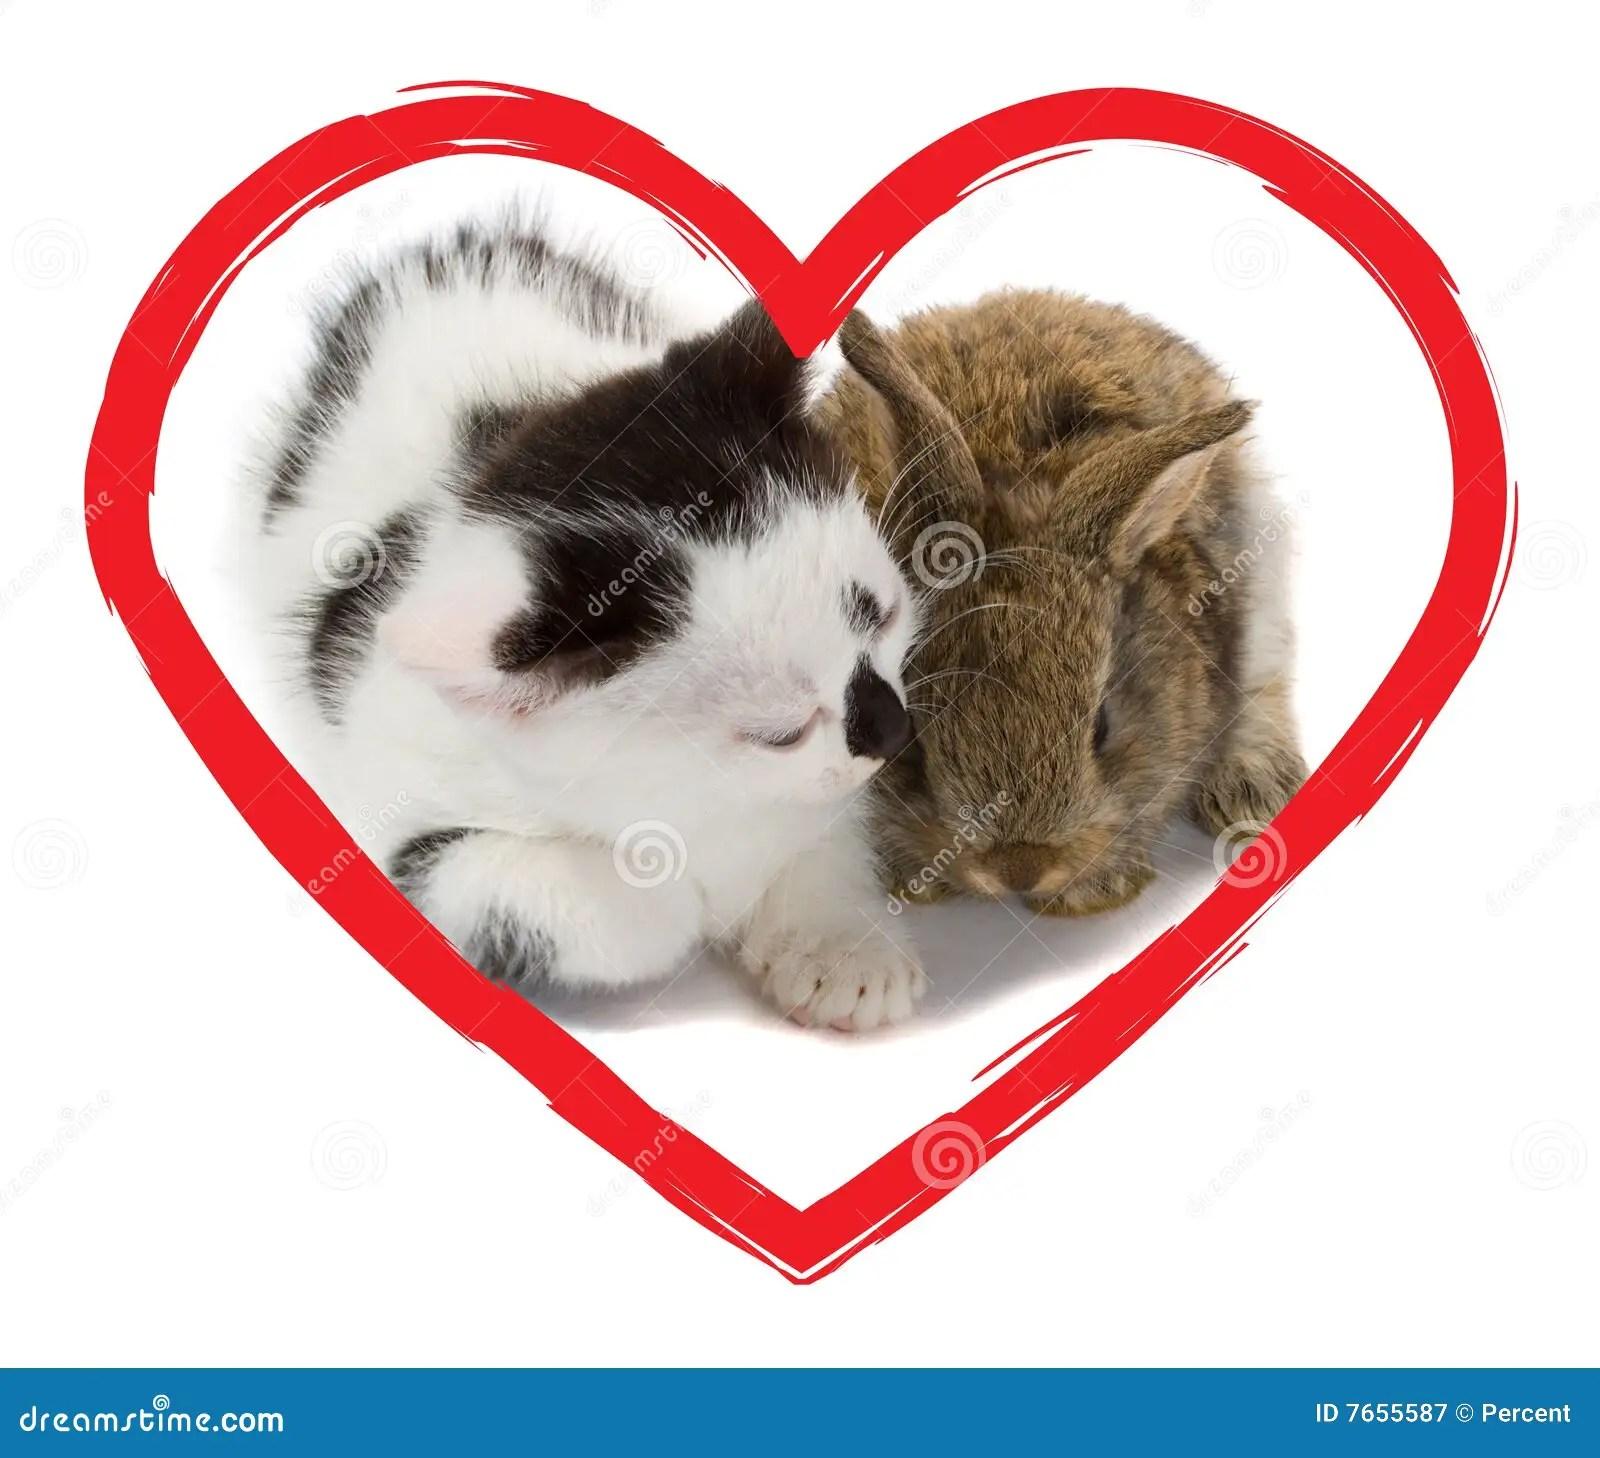 Kitten And Heart Stock Photo 33475278